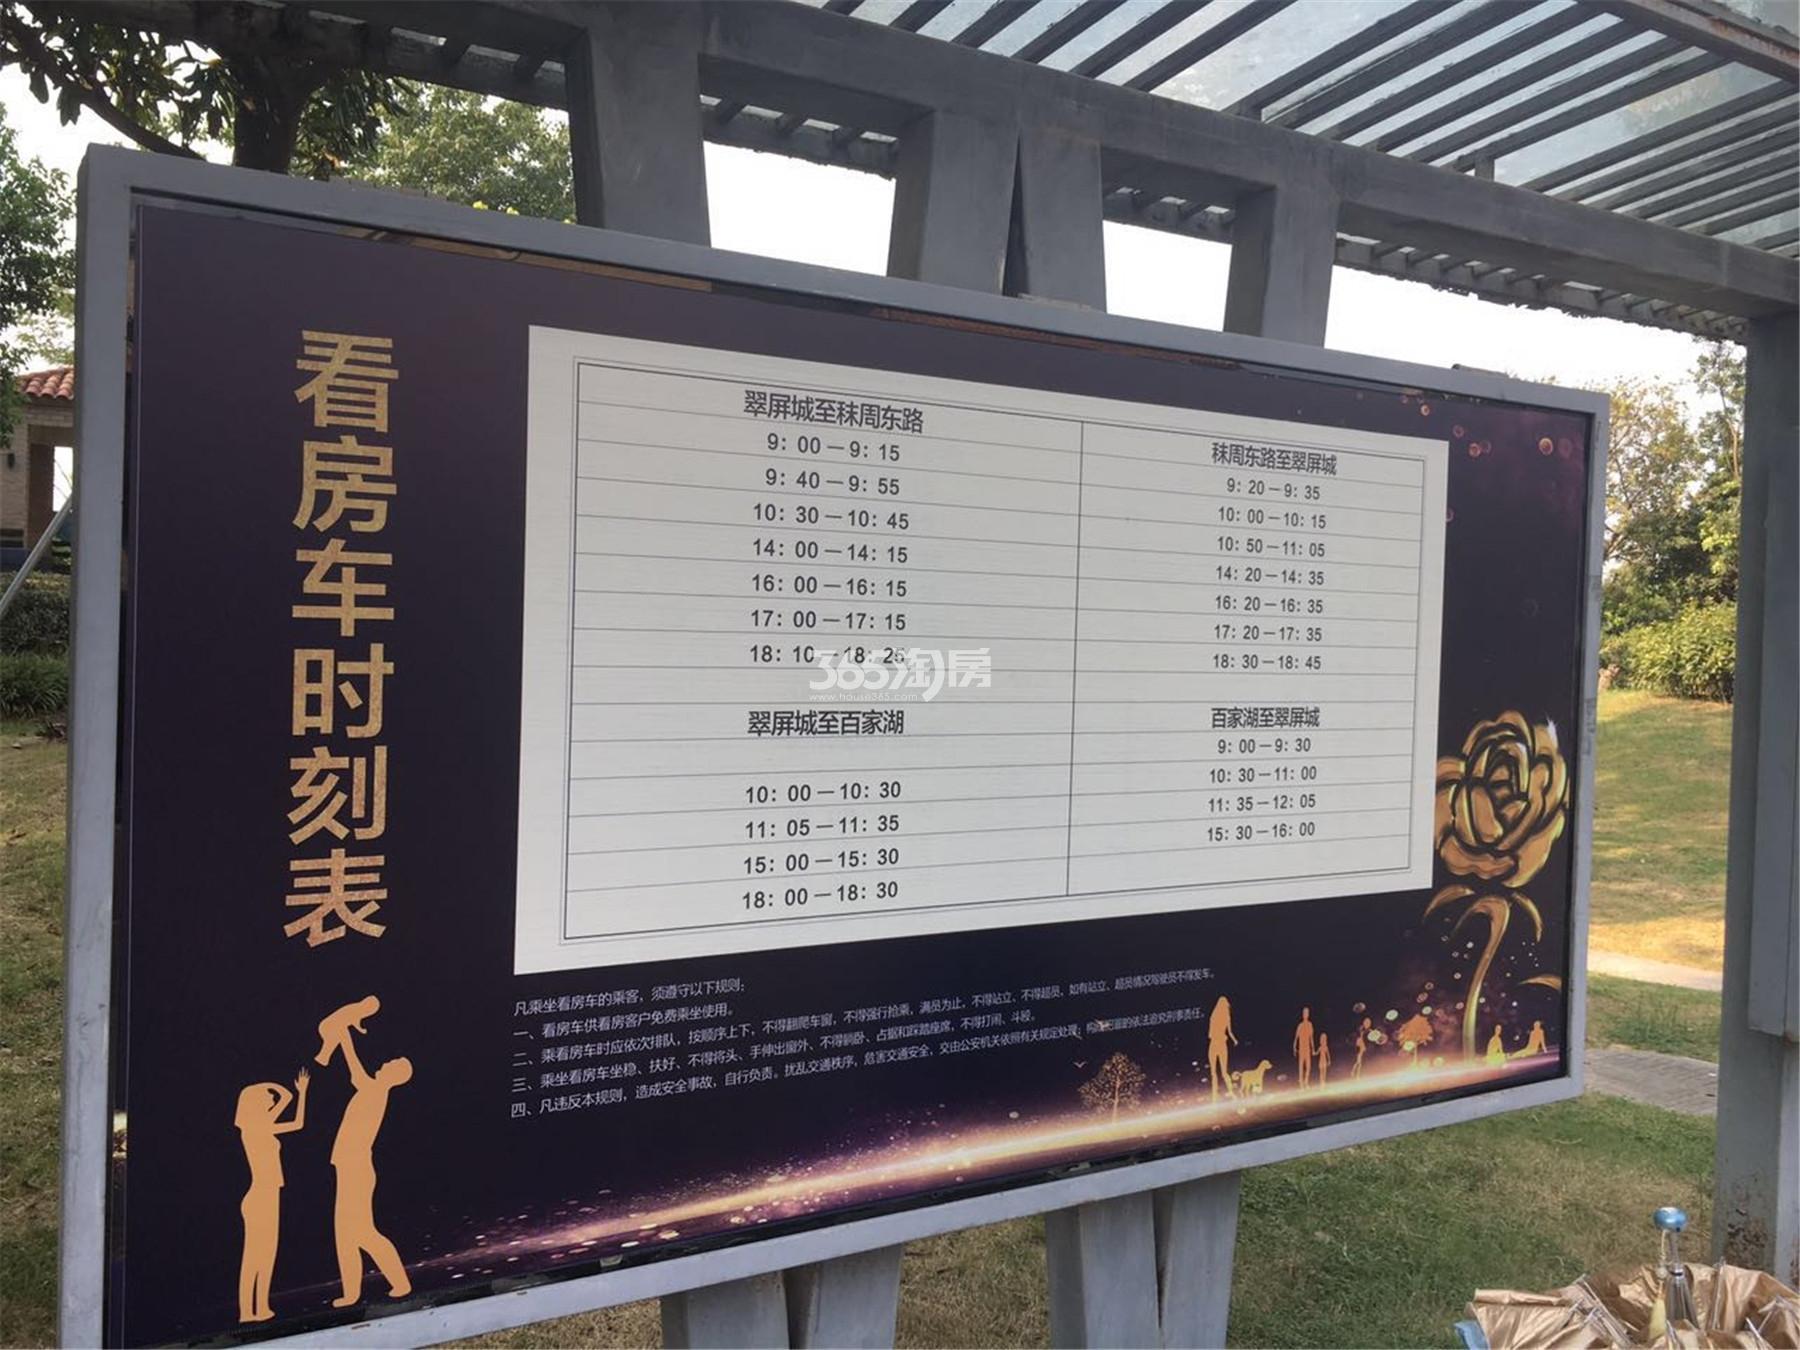 翠屏城班车时刻表(2.24)